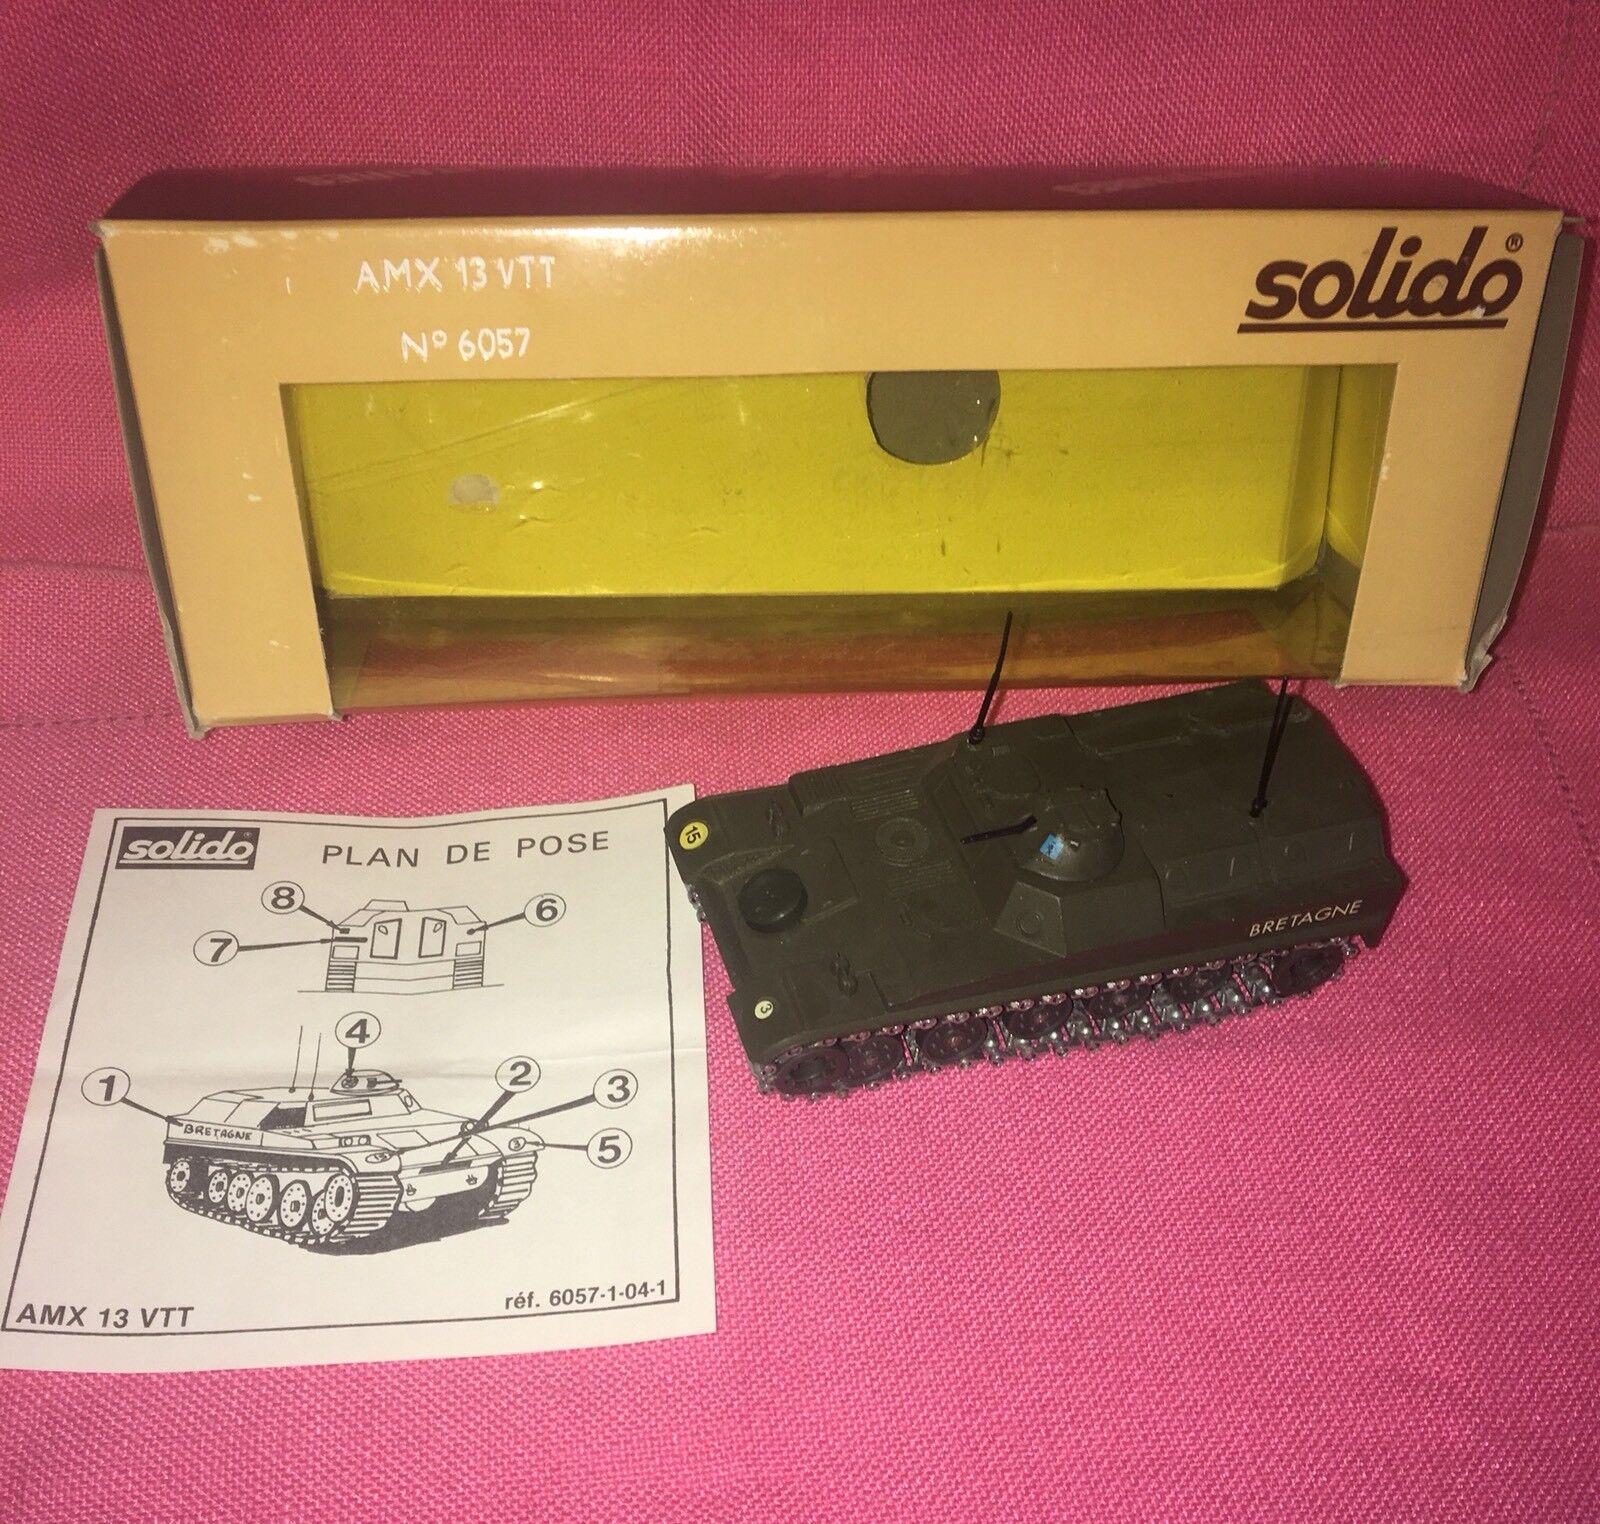 SOLIDO No. 6057 AMX 13 VTT - No. 227 - Apr 1971- AMX-13t